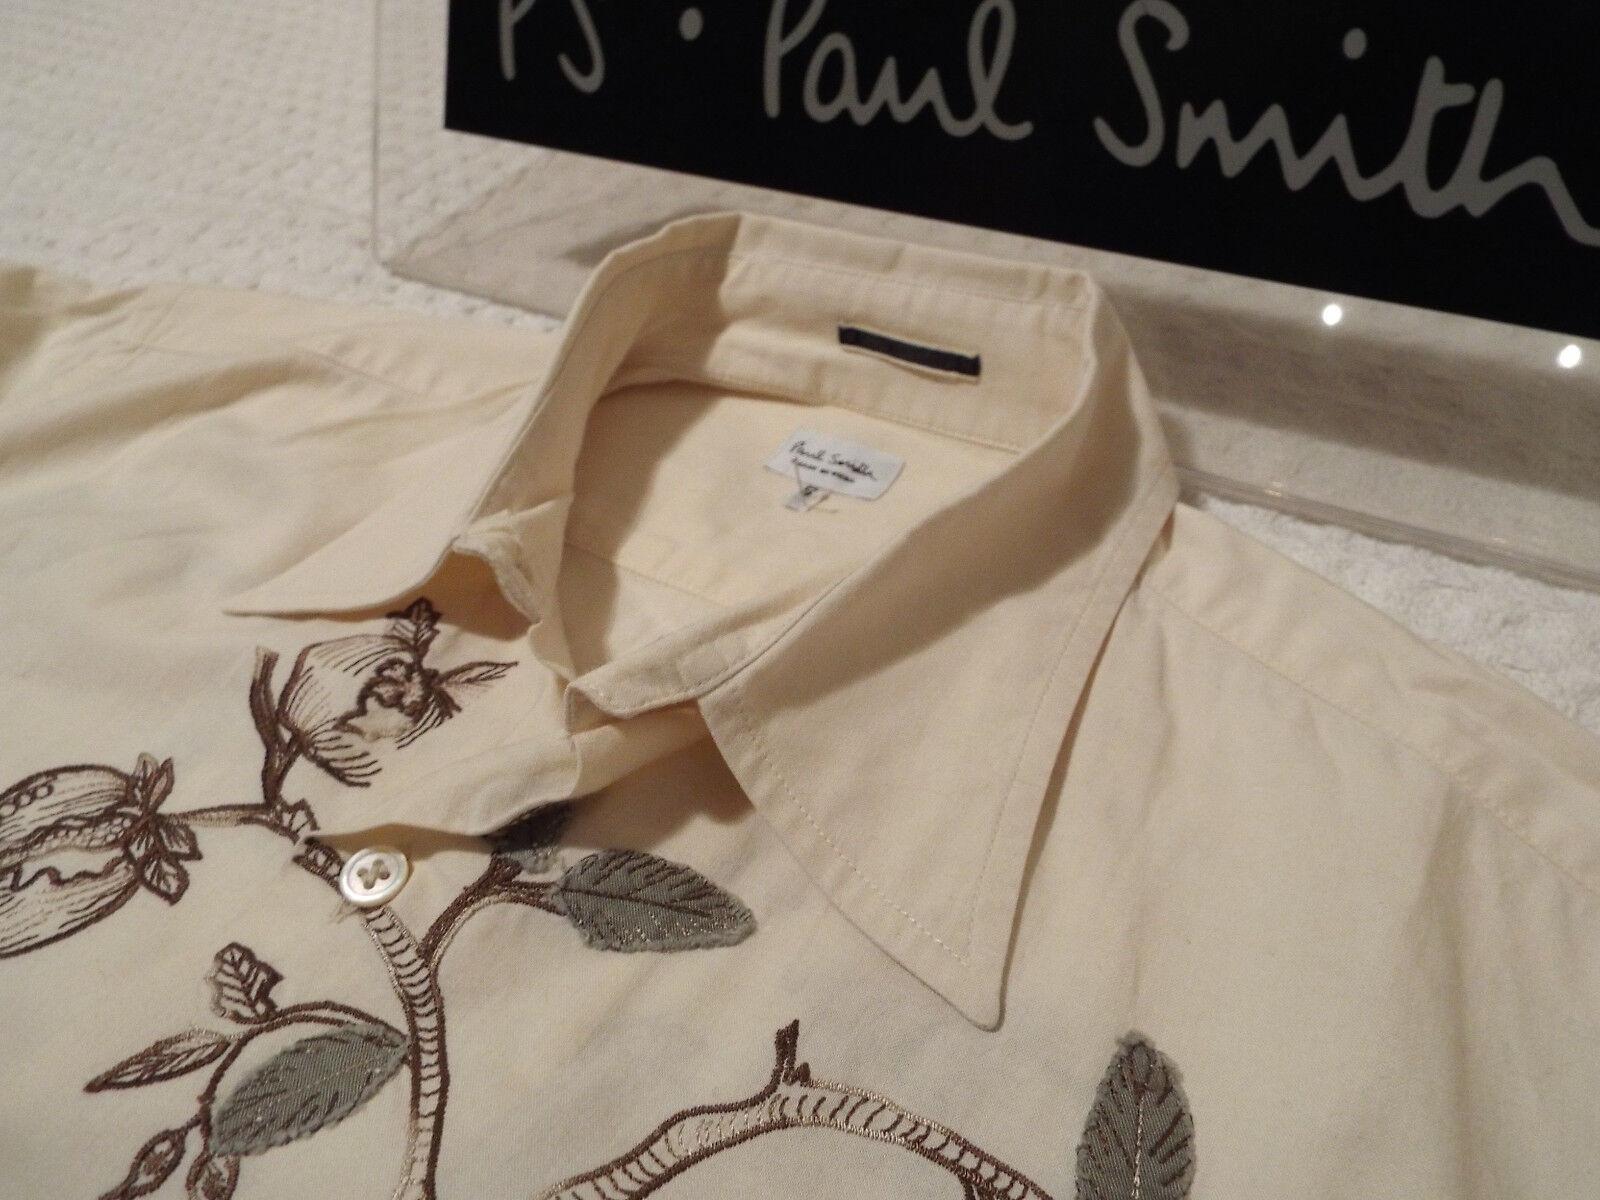 Paul Smith Mainline Maglietta da uomo  taglia S (circonferenza petto 42 )  RRP +  Floreale